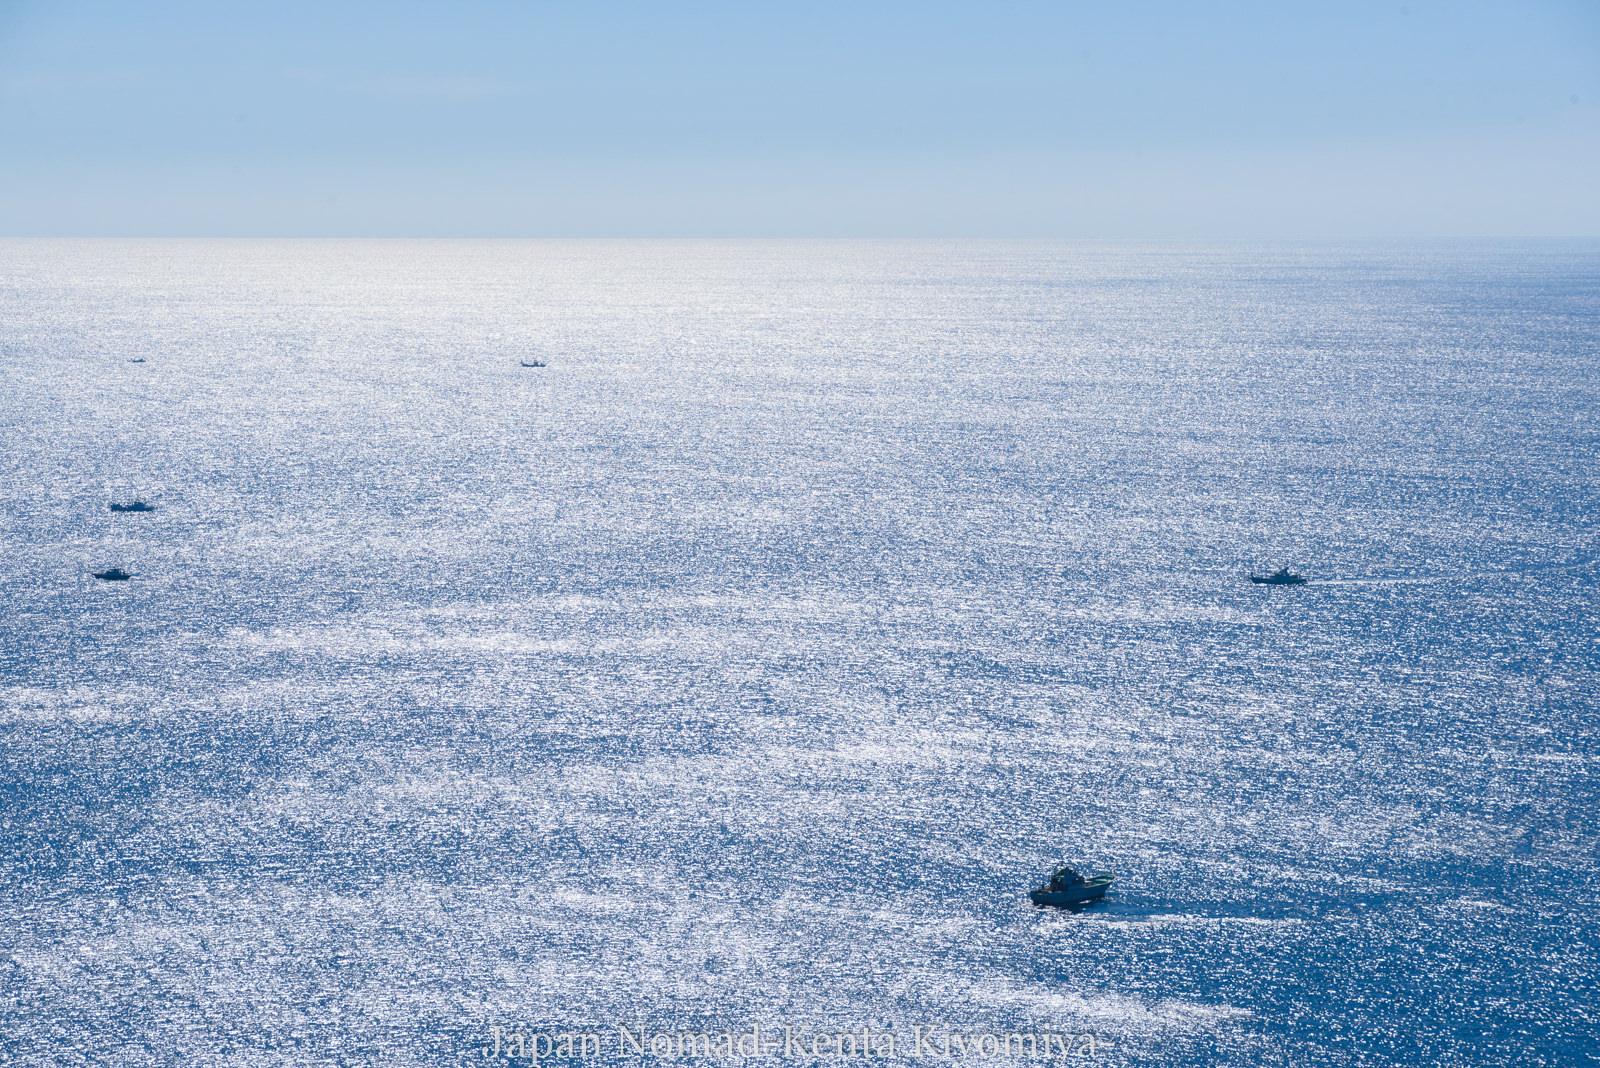 【旅120日目】青森~北海道を繋ぐロマン、風の岬「竜飛崎」へ!